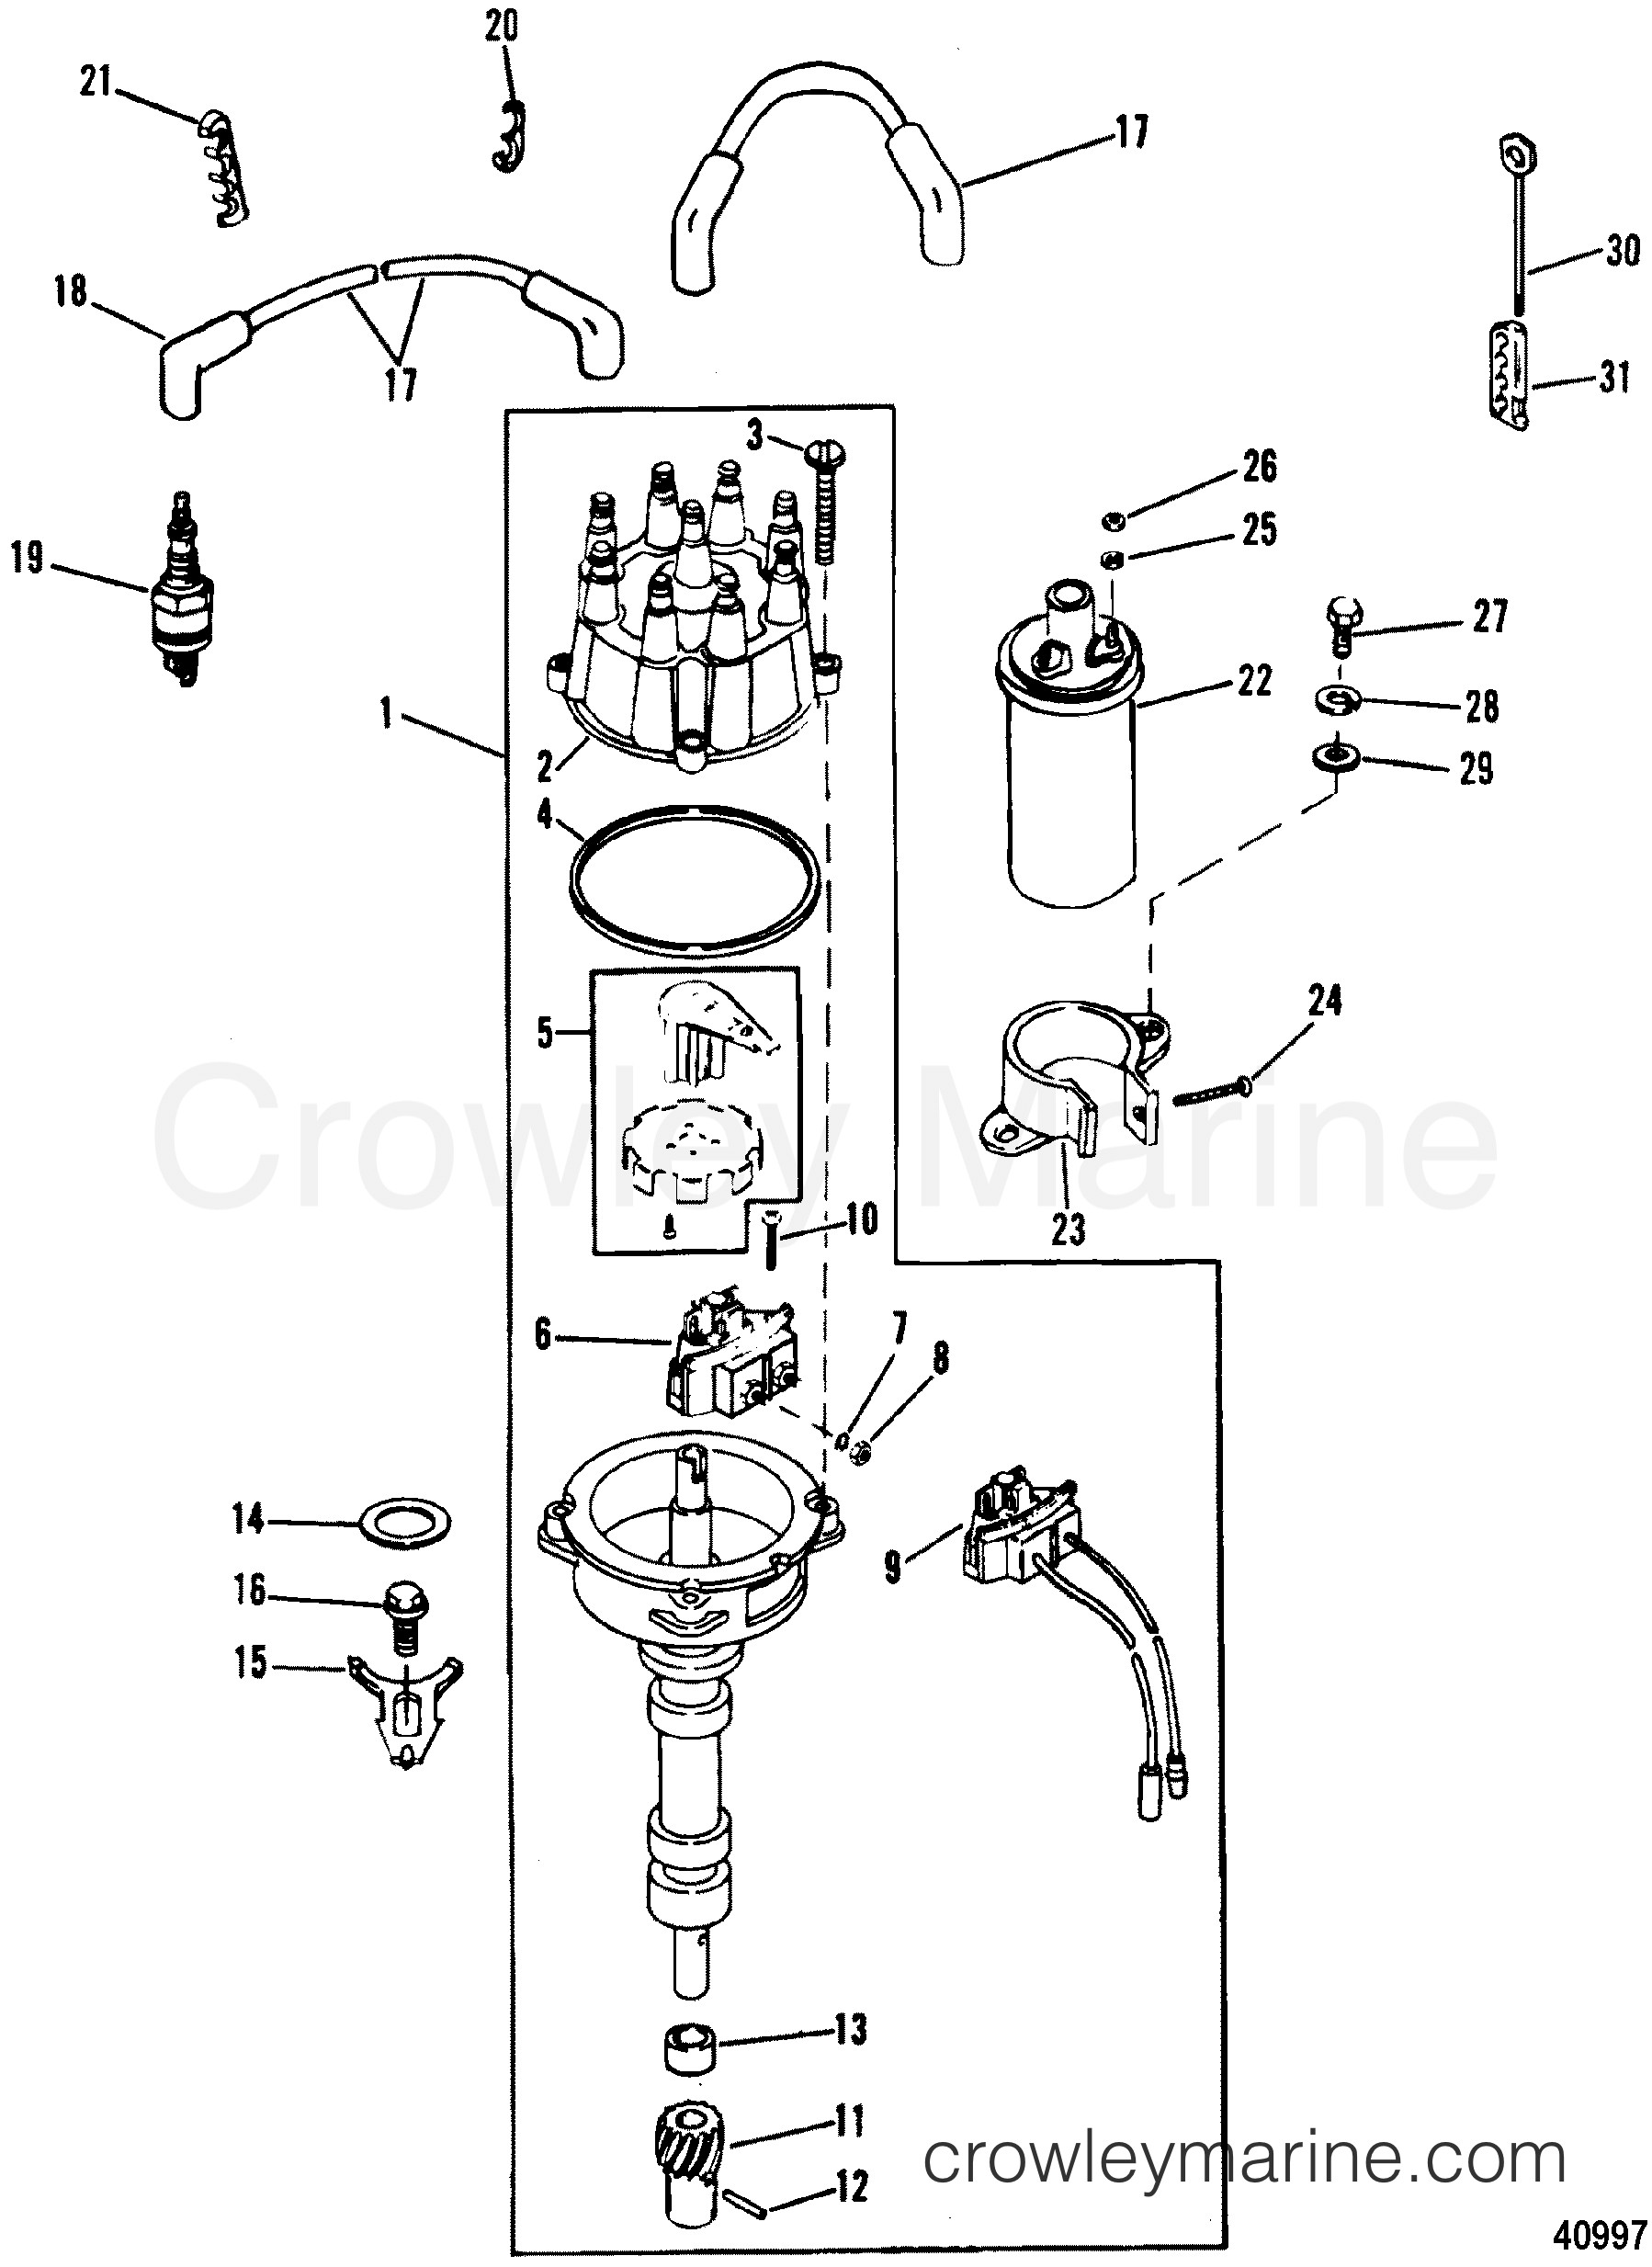 mercruiser 3.0 ignition wiring diagram